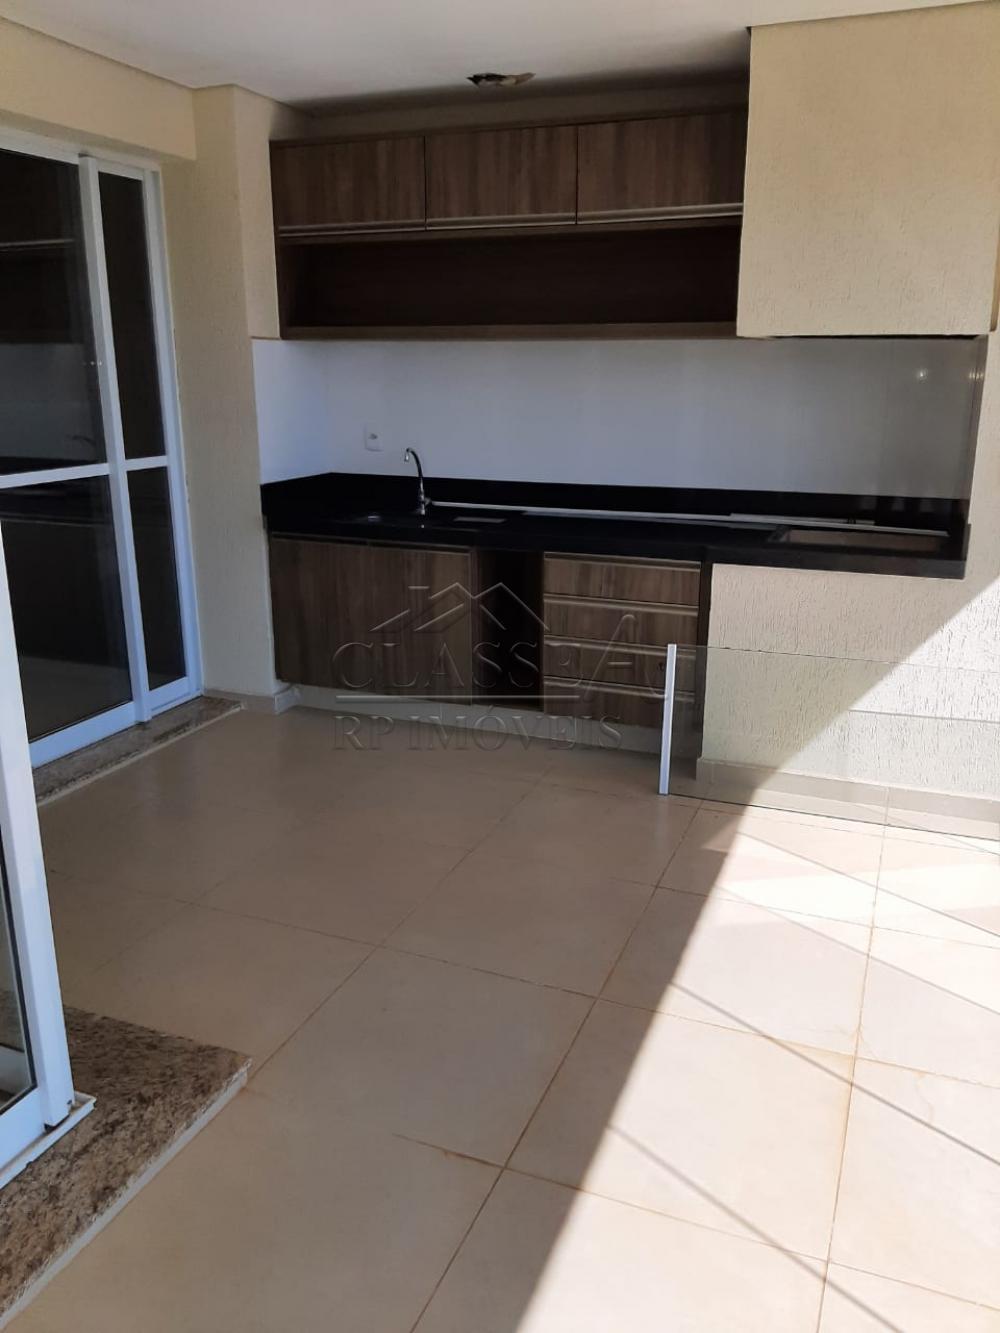 Comprar Apartamento / Padrão em Ribeirão Preto R$ 1.020.000,00 - Foto 4